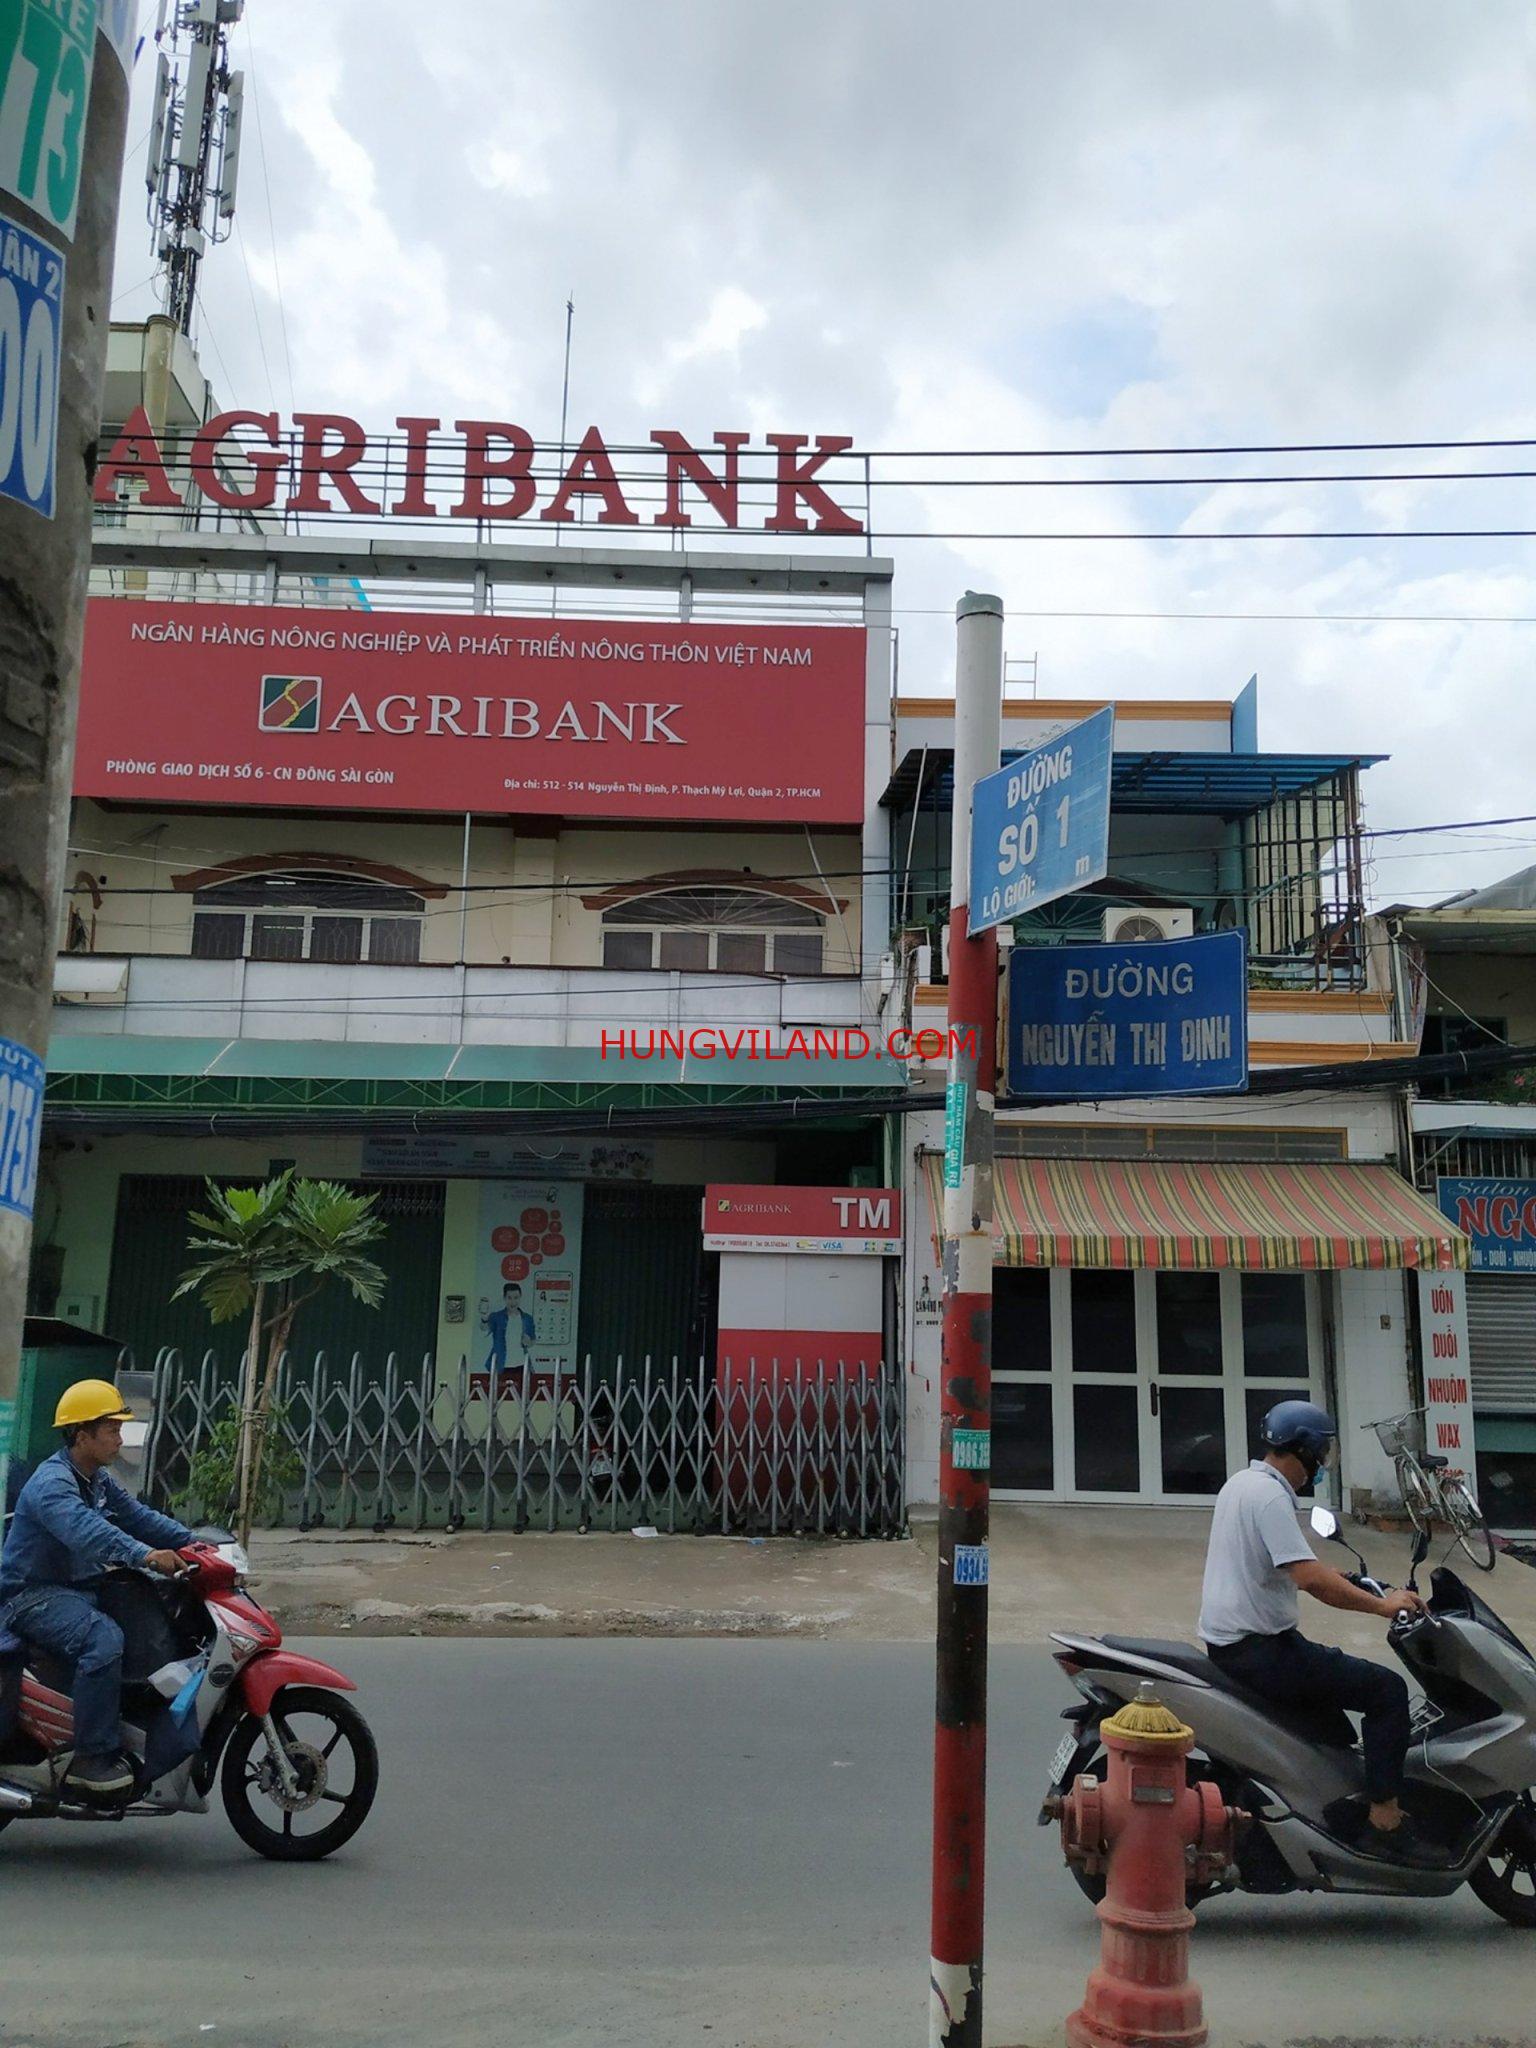 Nhà 122m2 đất mặt tiền đường số 1 Nguyễn Thị Định cần bán gấp. Cách đường chính chỉ 30m, hướng Đông Nam mát mẻ